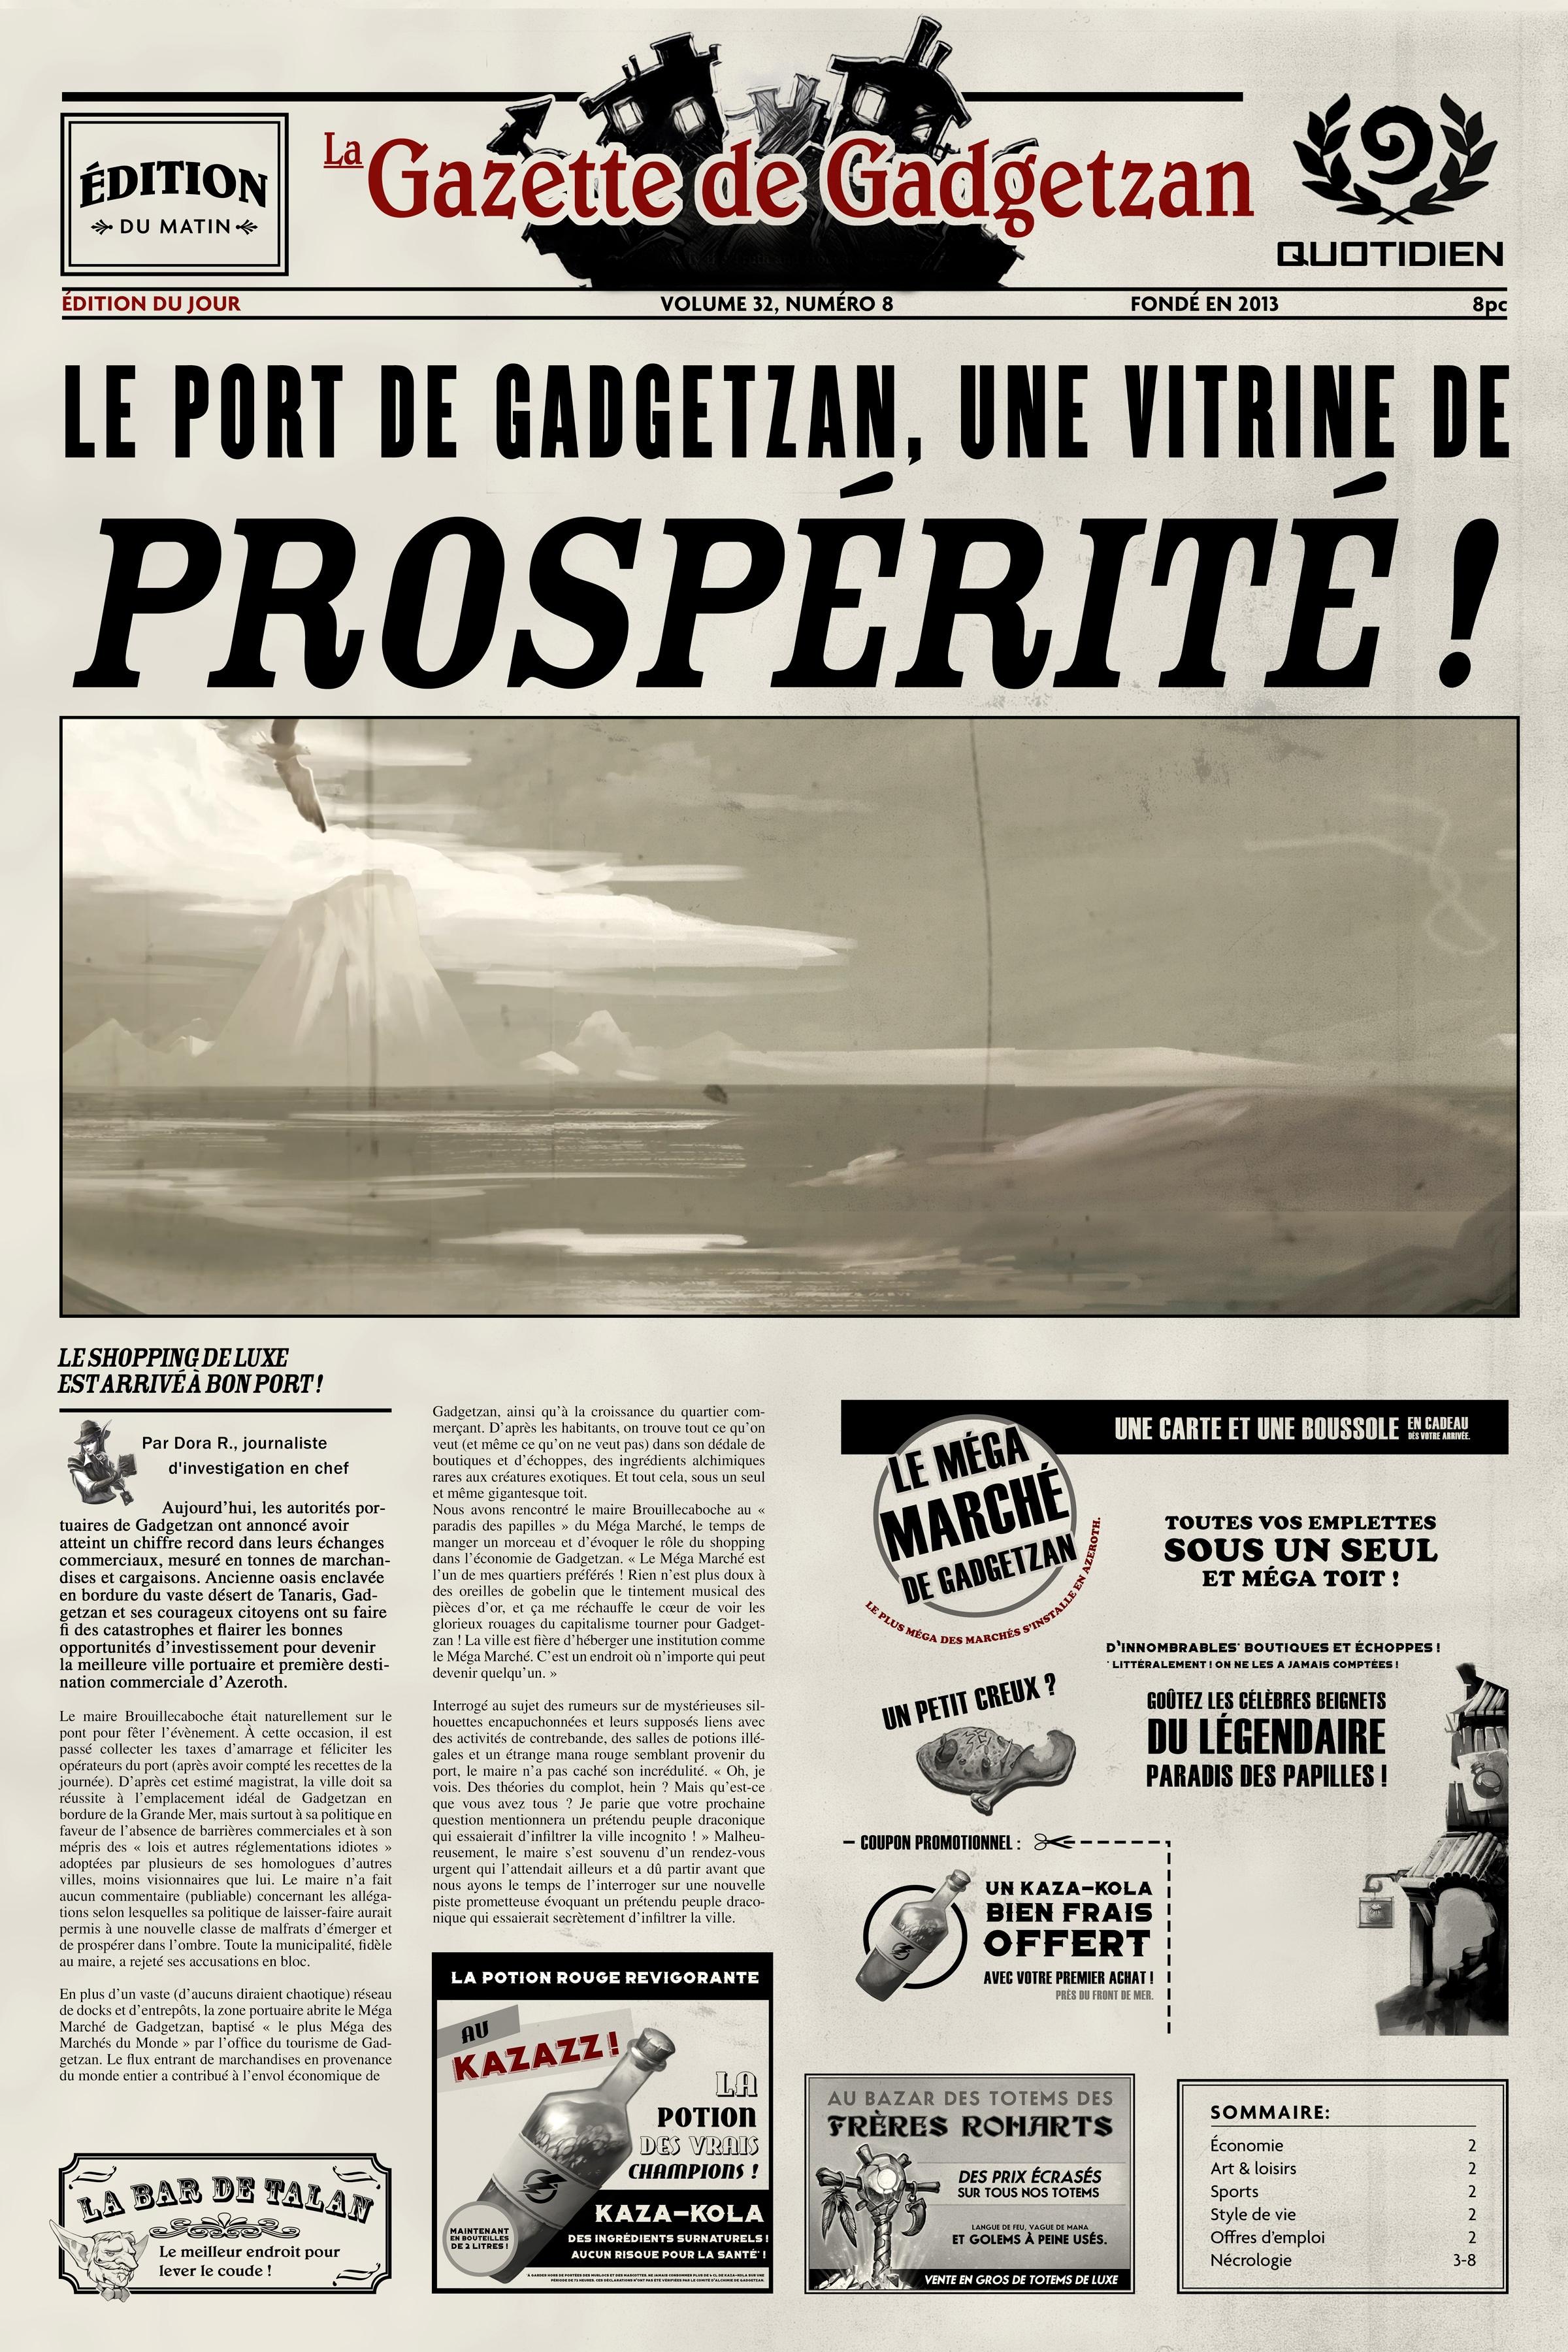 Gadgetzan Port Promotes PROSPERITY!